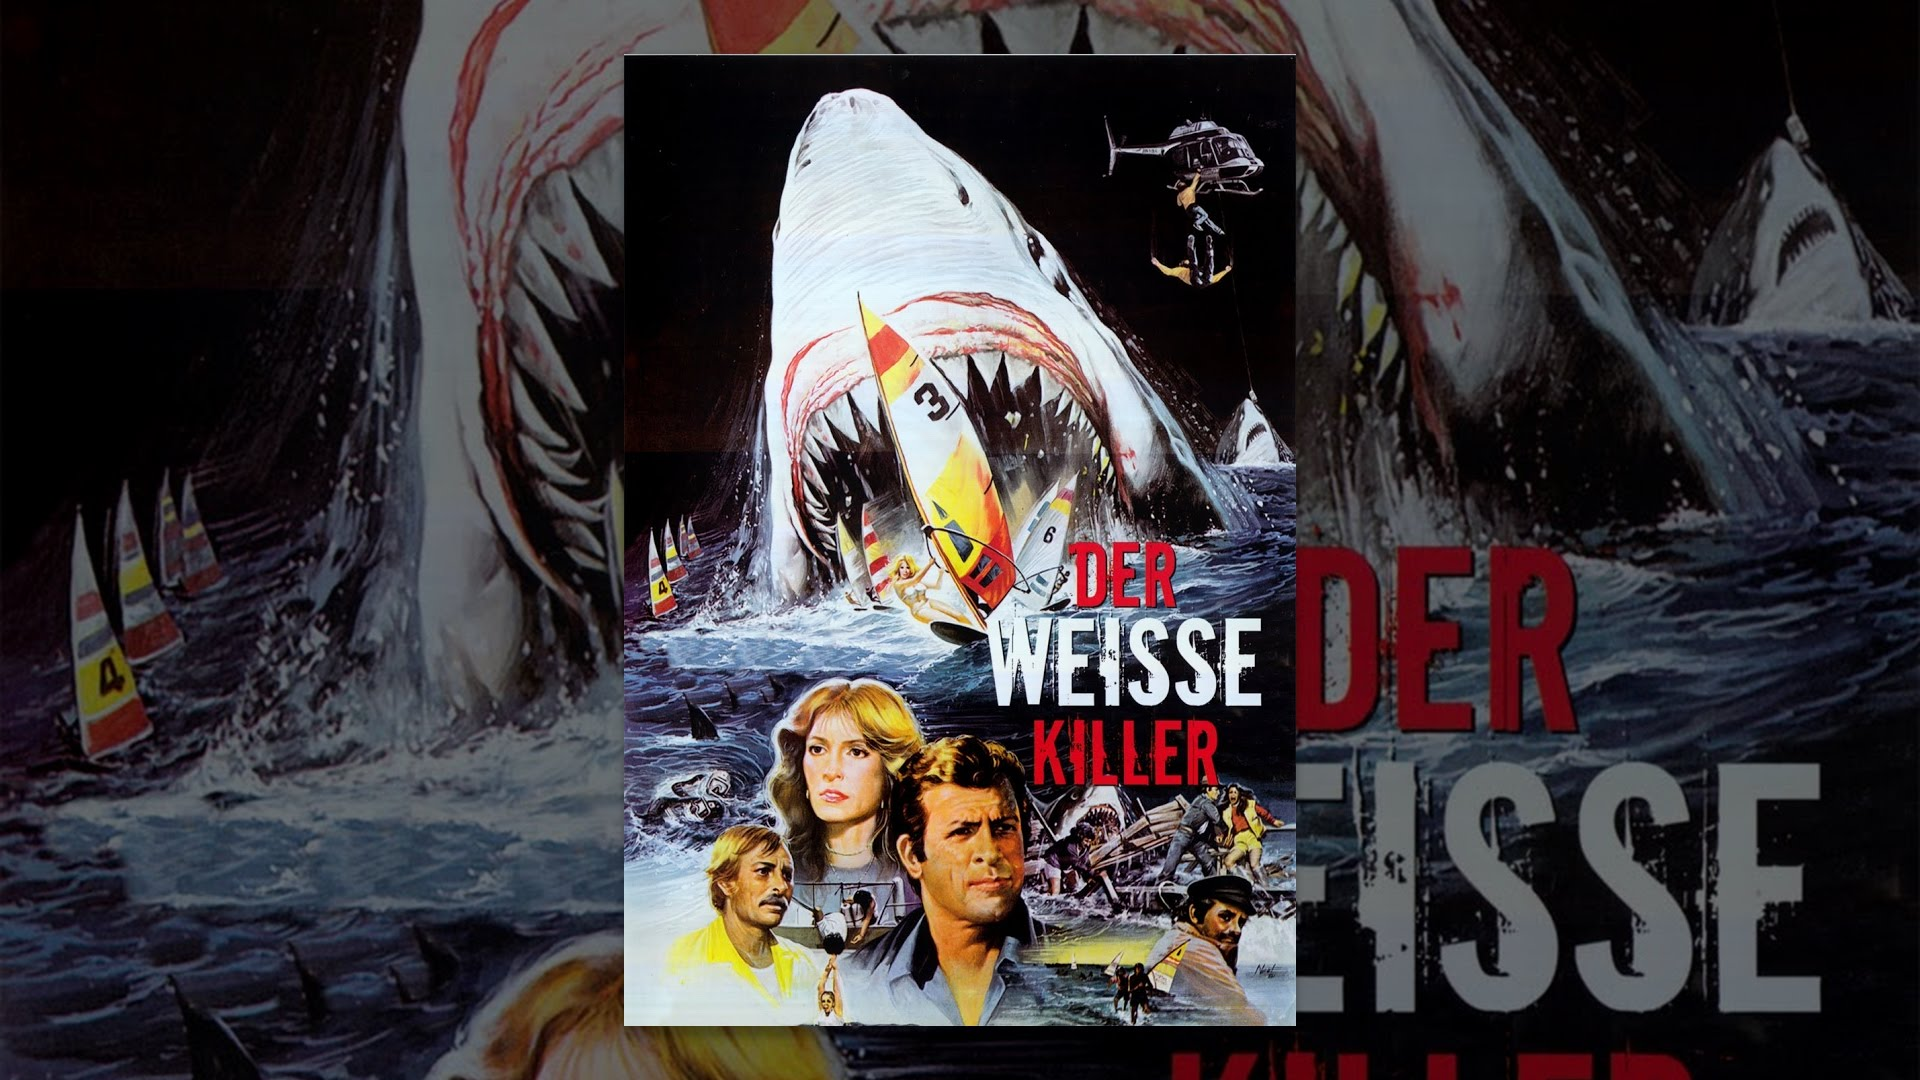 The Last Jaws - Der Weisse Killer